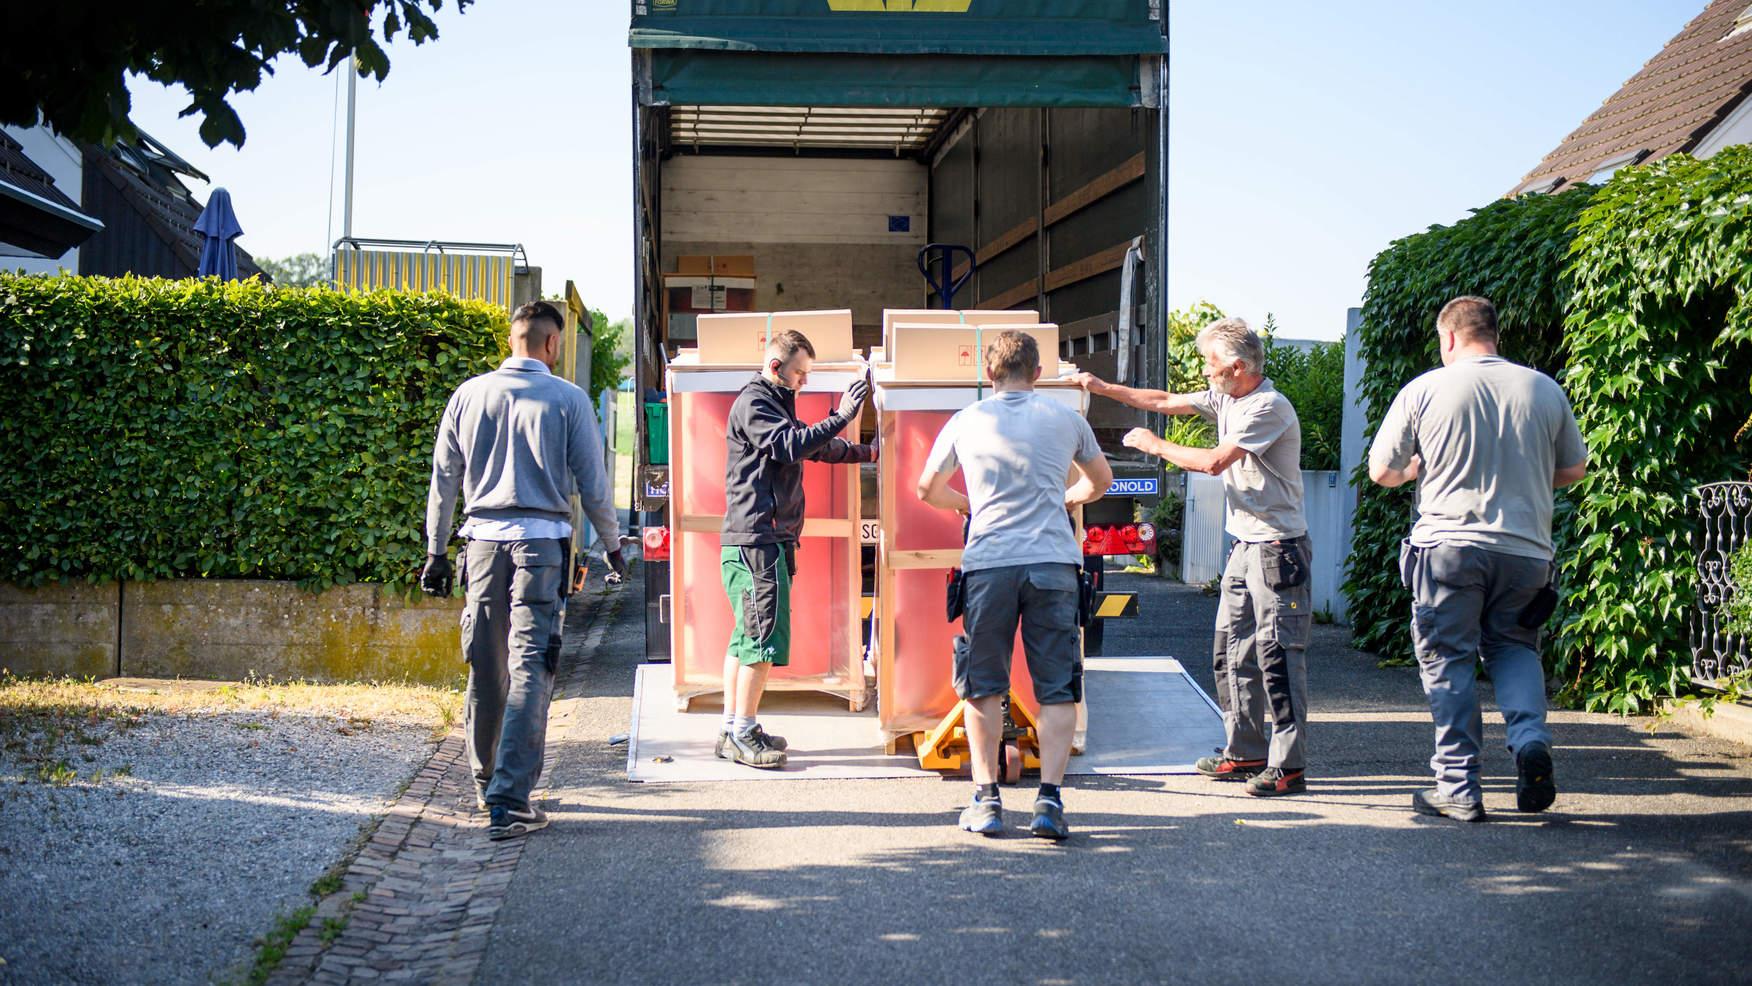 Arbeiter entladen Lieferwagen im Zälgli Bätterkinden